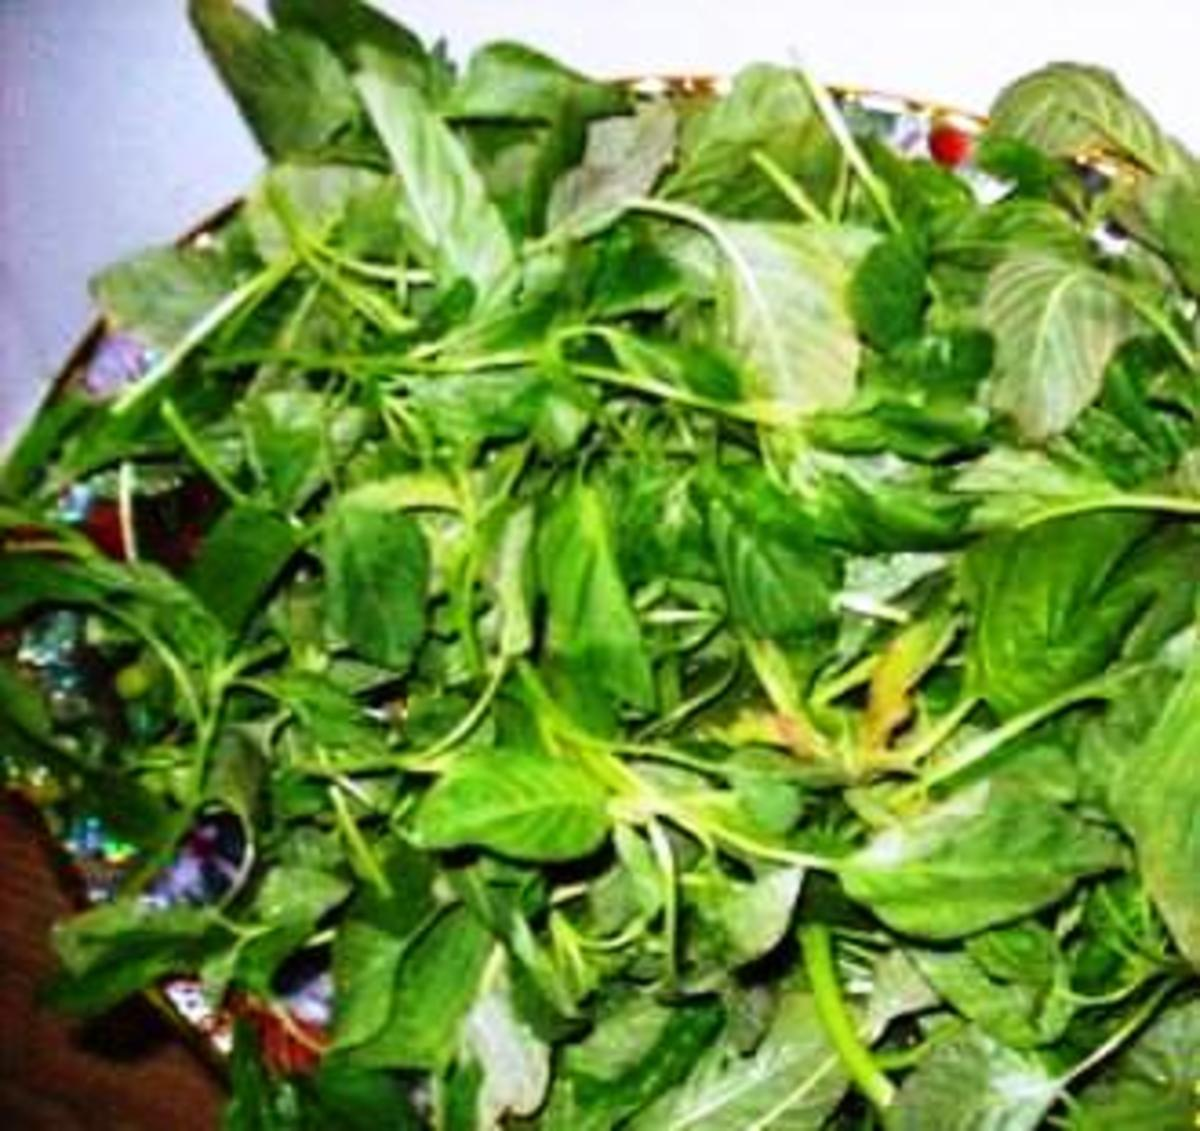 Leafy amaranth greens